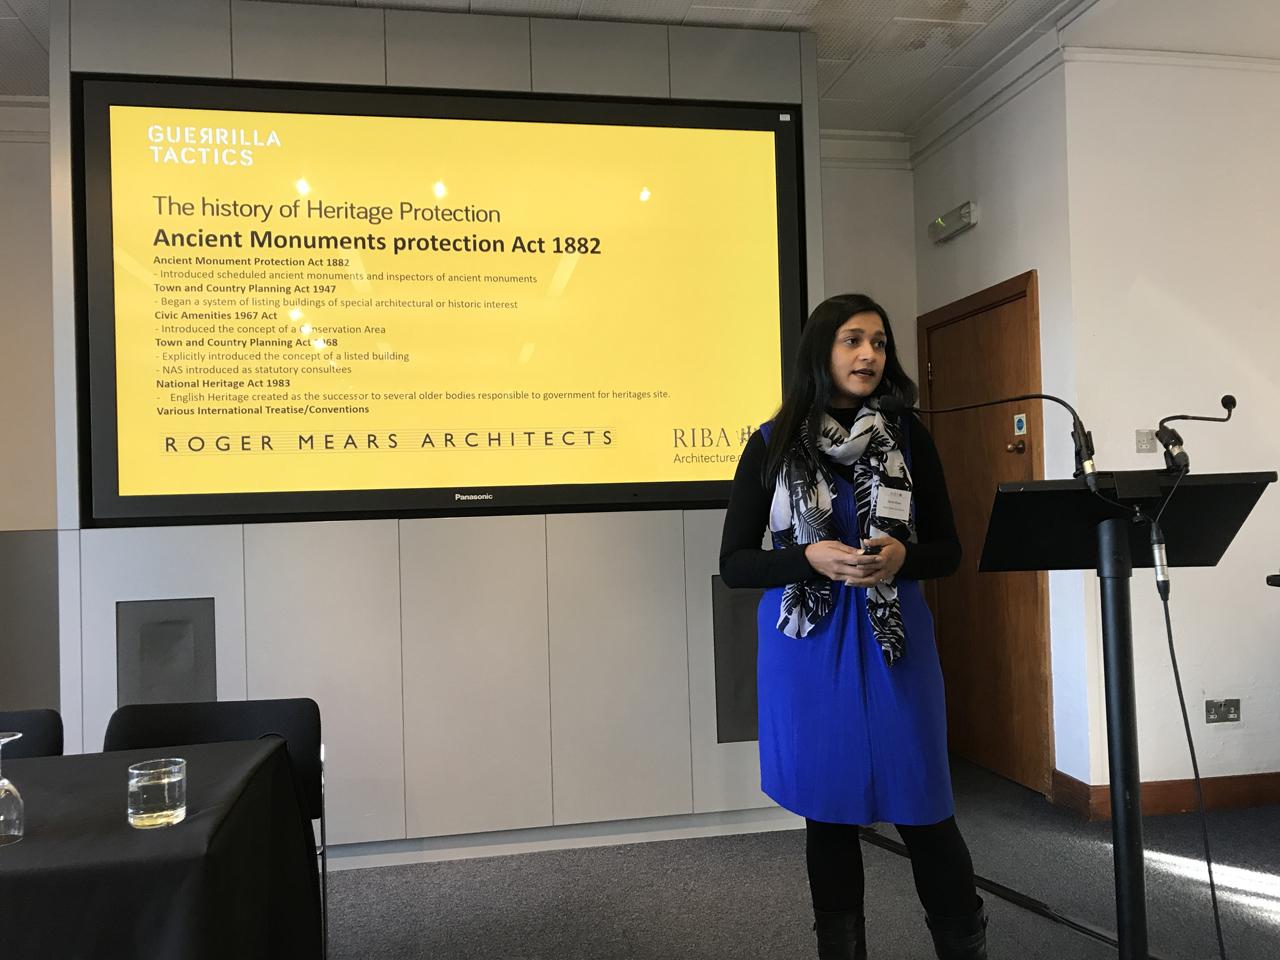 Sarah Khan at Guerilla Tactics 2018